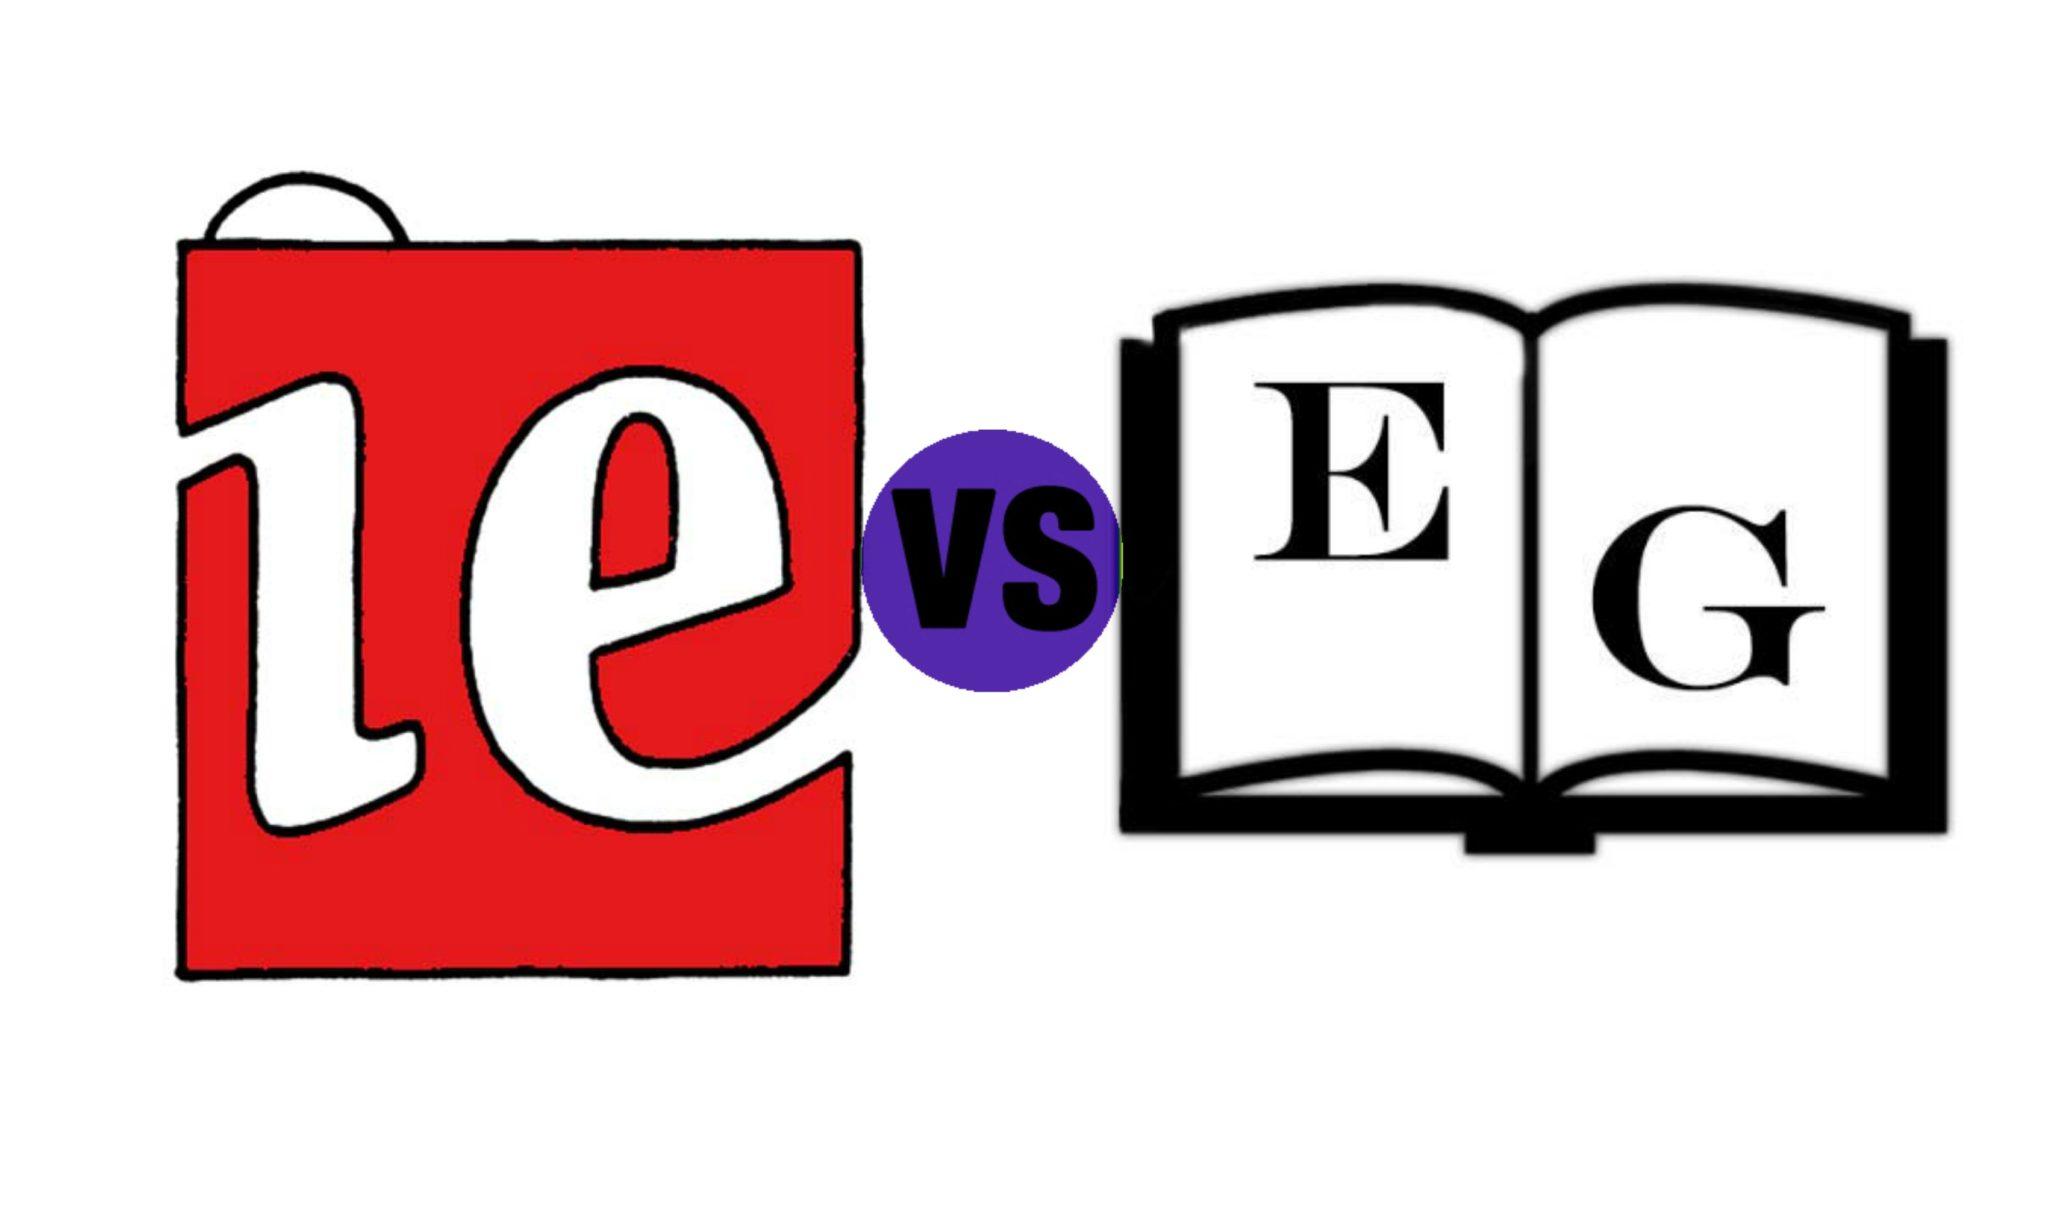 I.E. E.G.